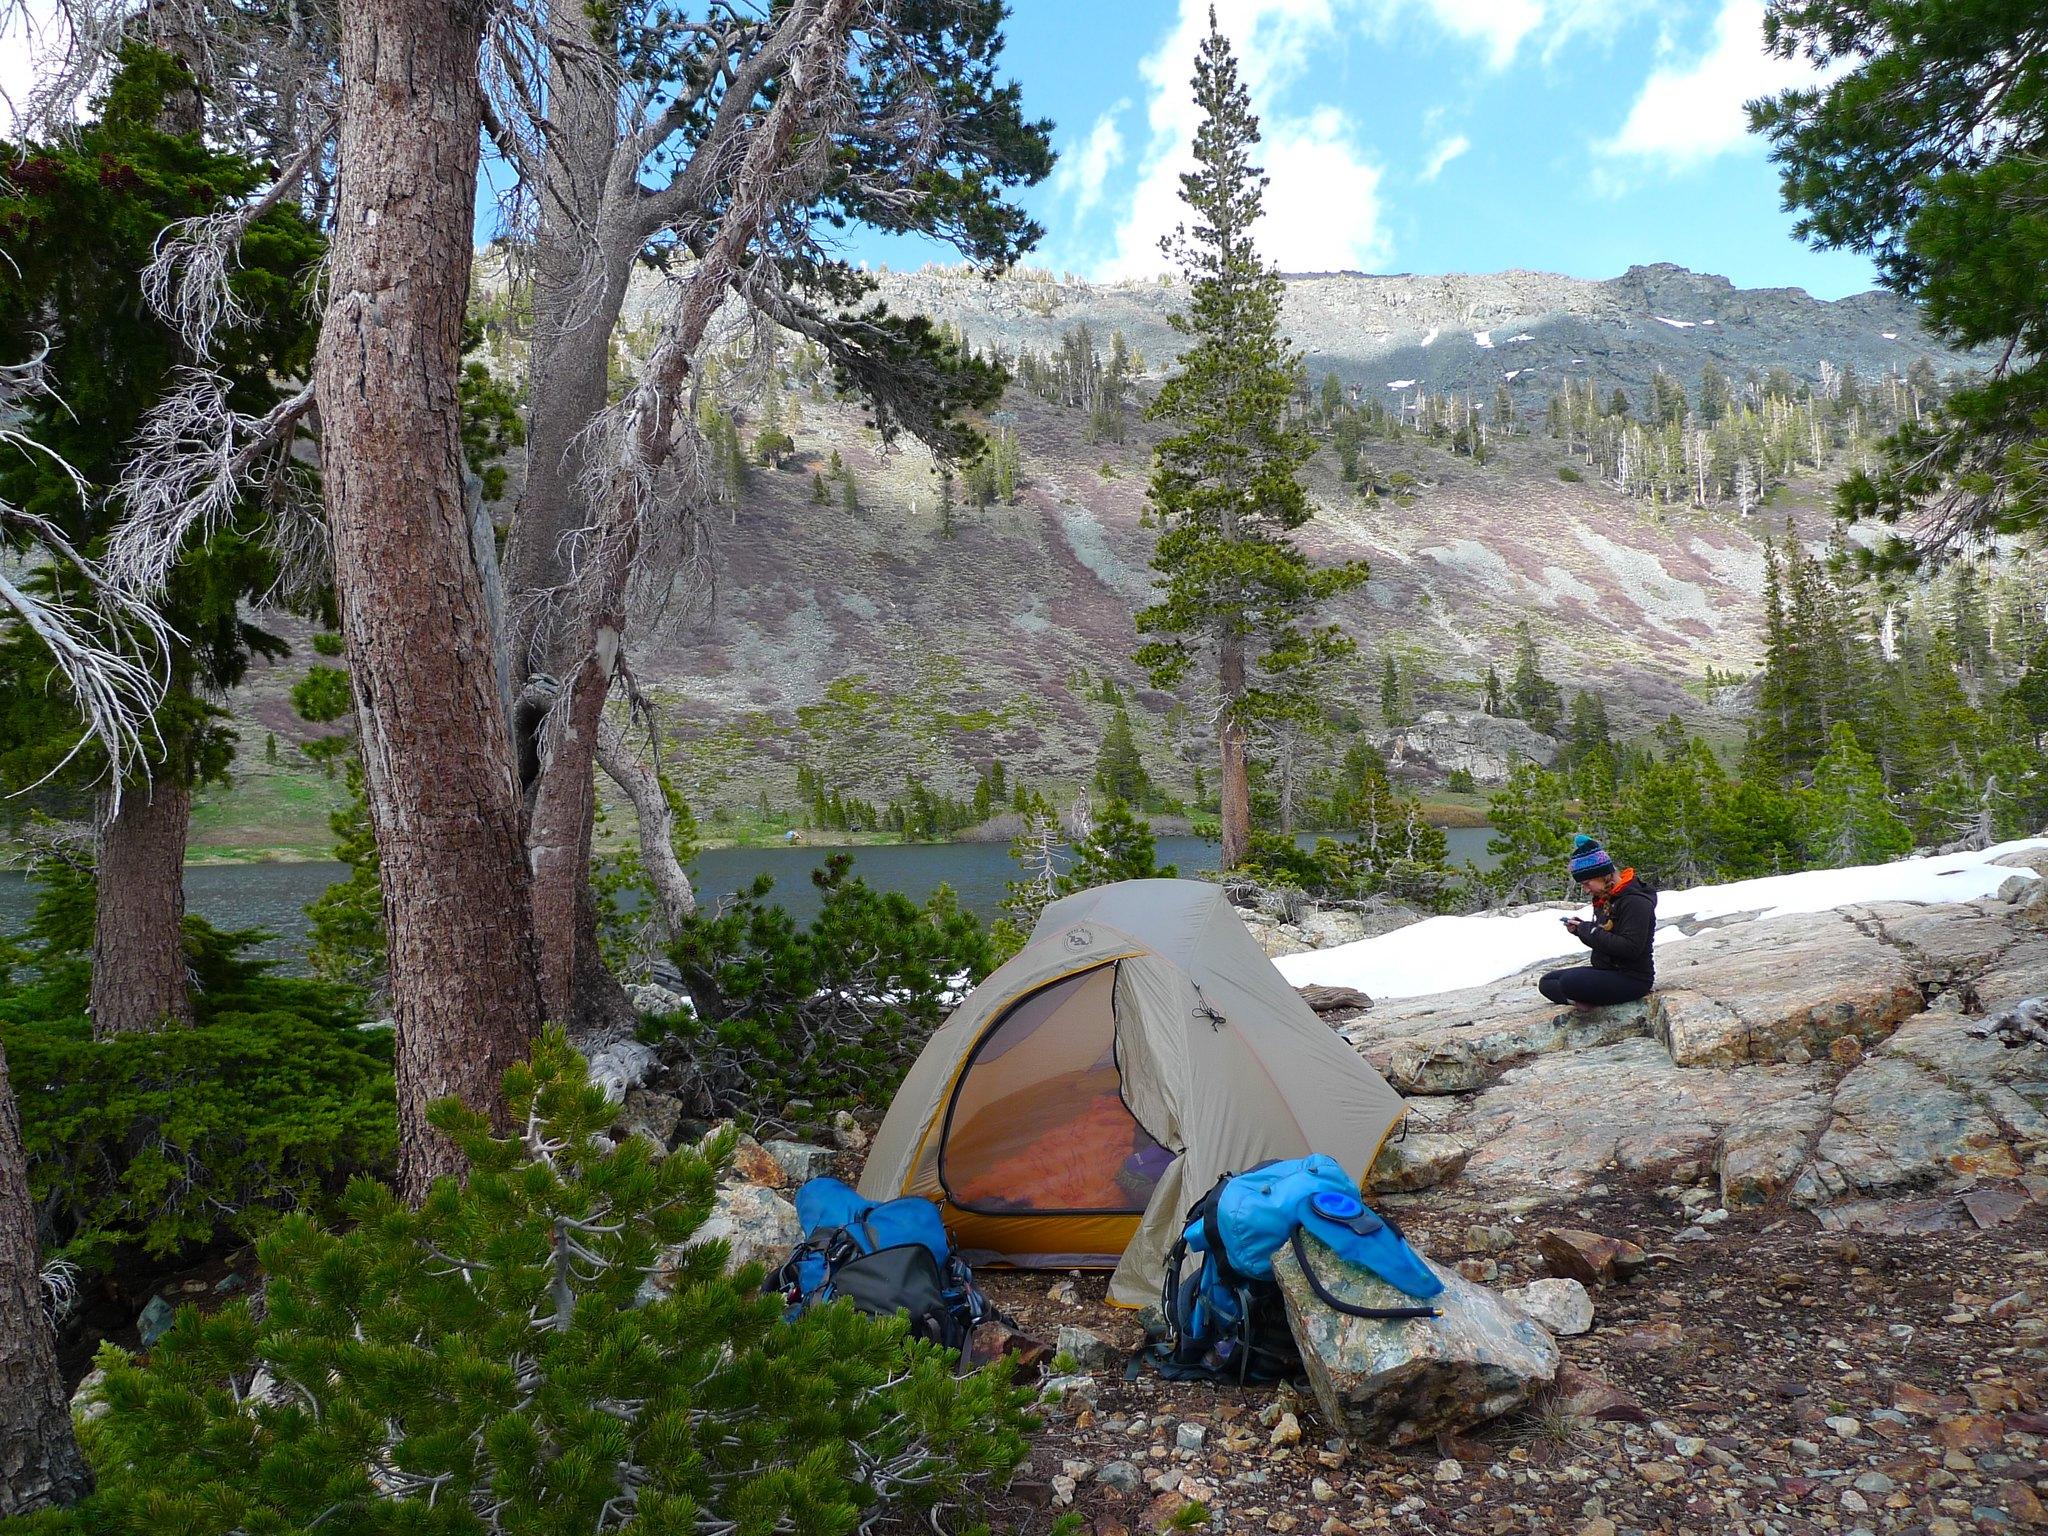 Camp 2 at Half Moon Lake